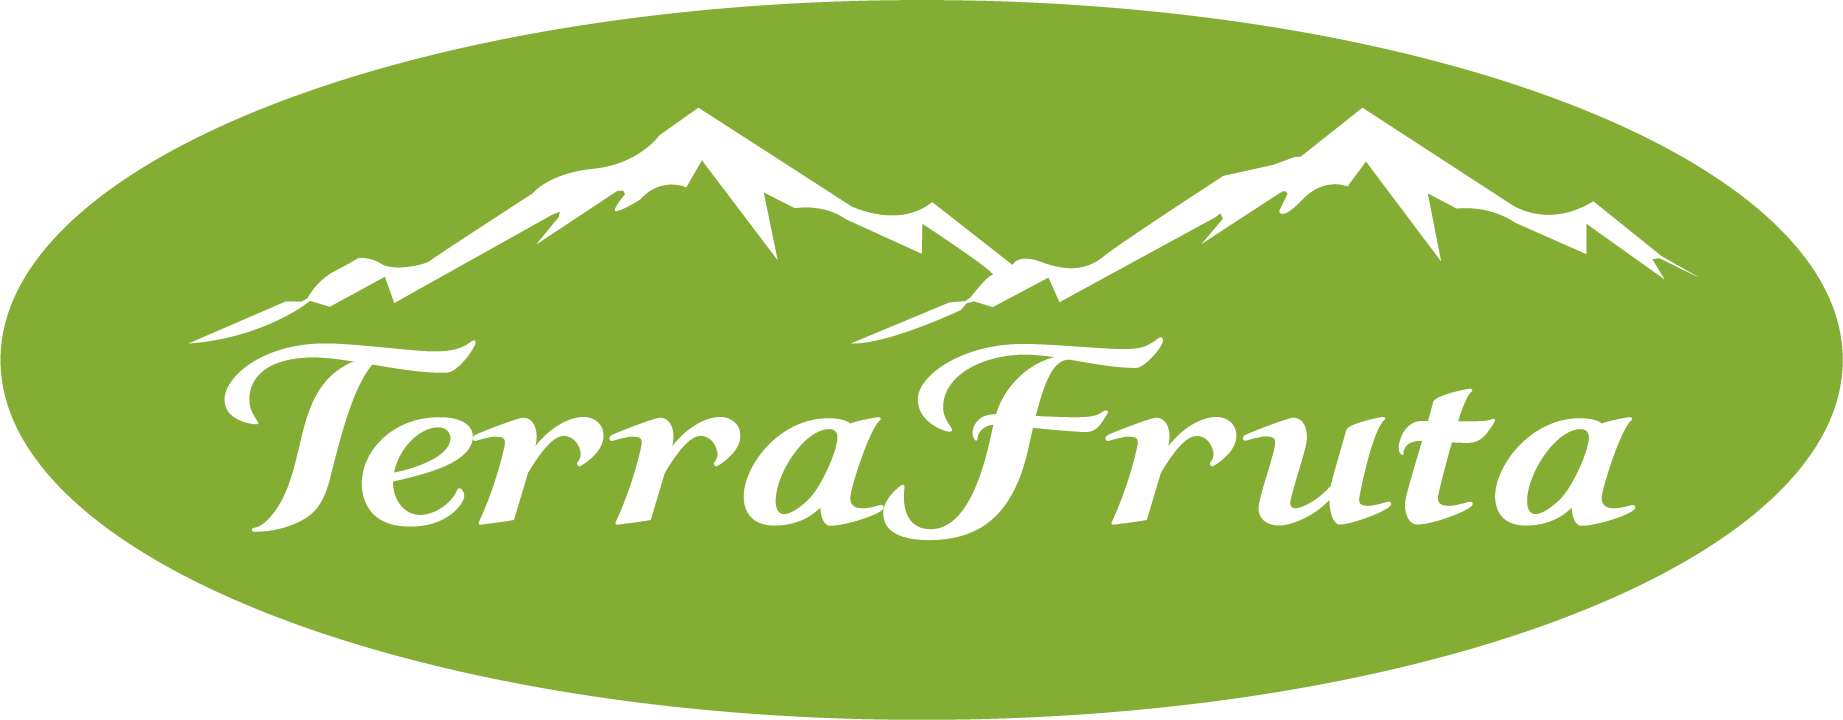 Terrafruta